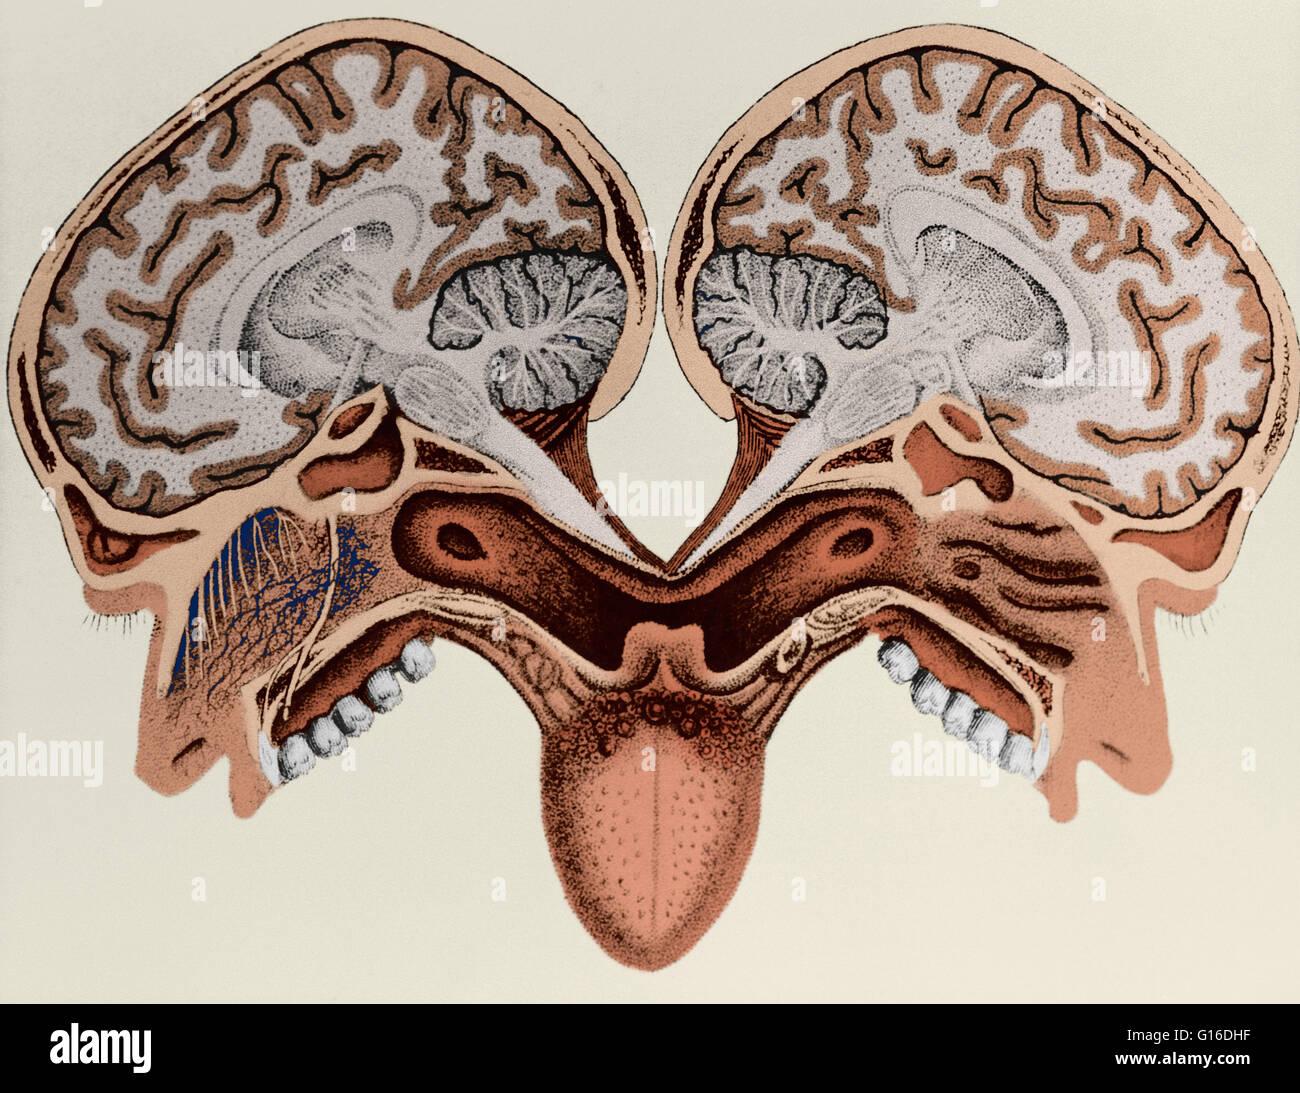 Ungewöhnlich Anatomie Höhlen Des Kopfes Fotos - Anatomie Von ...